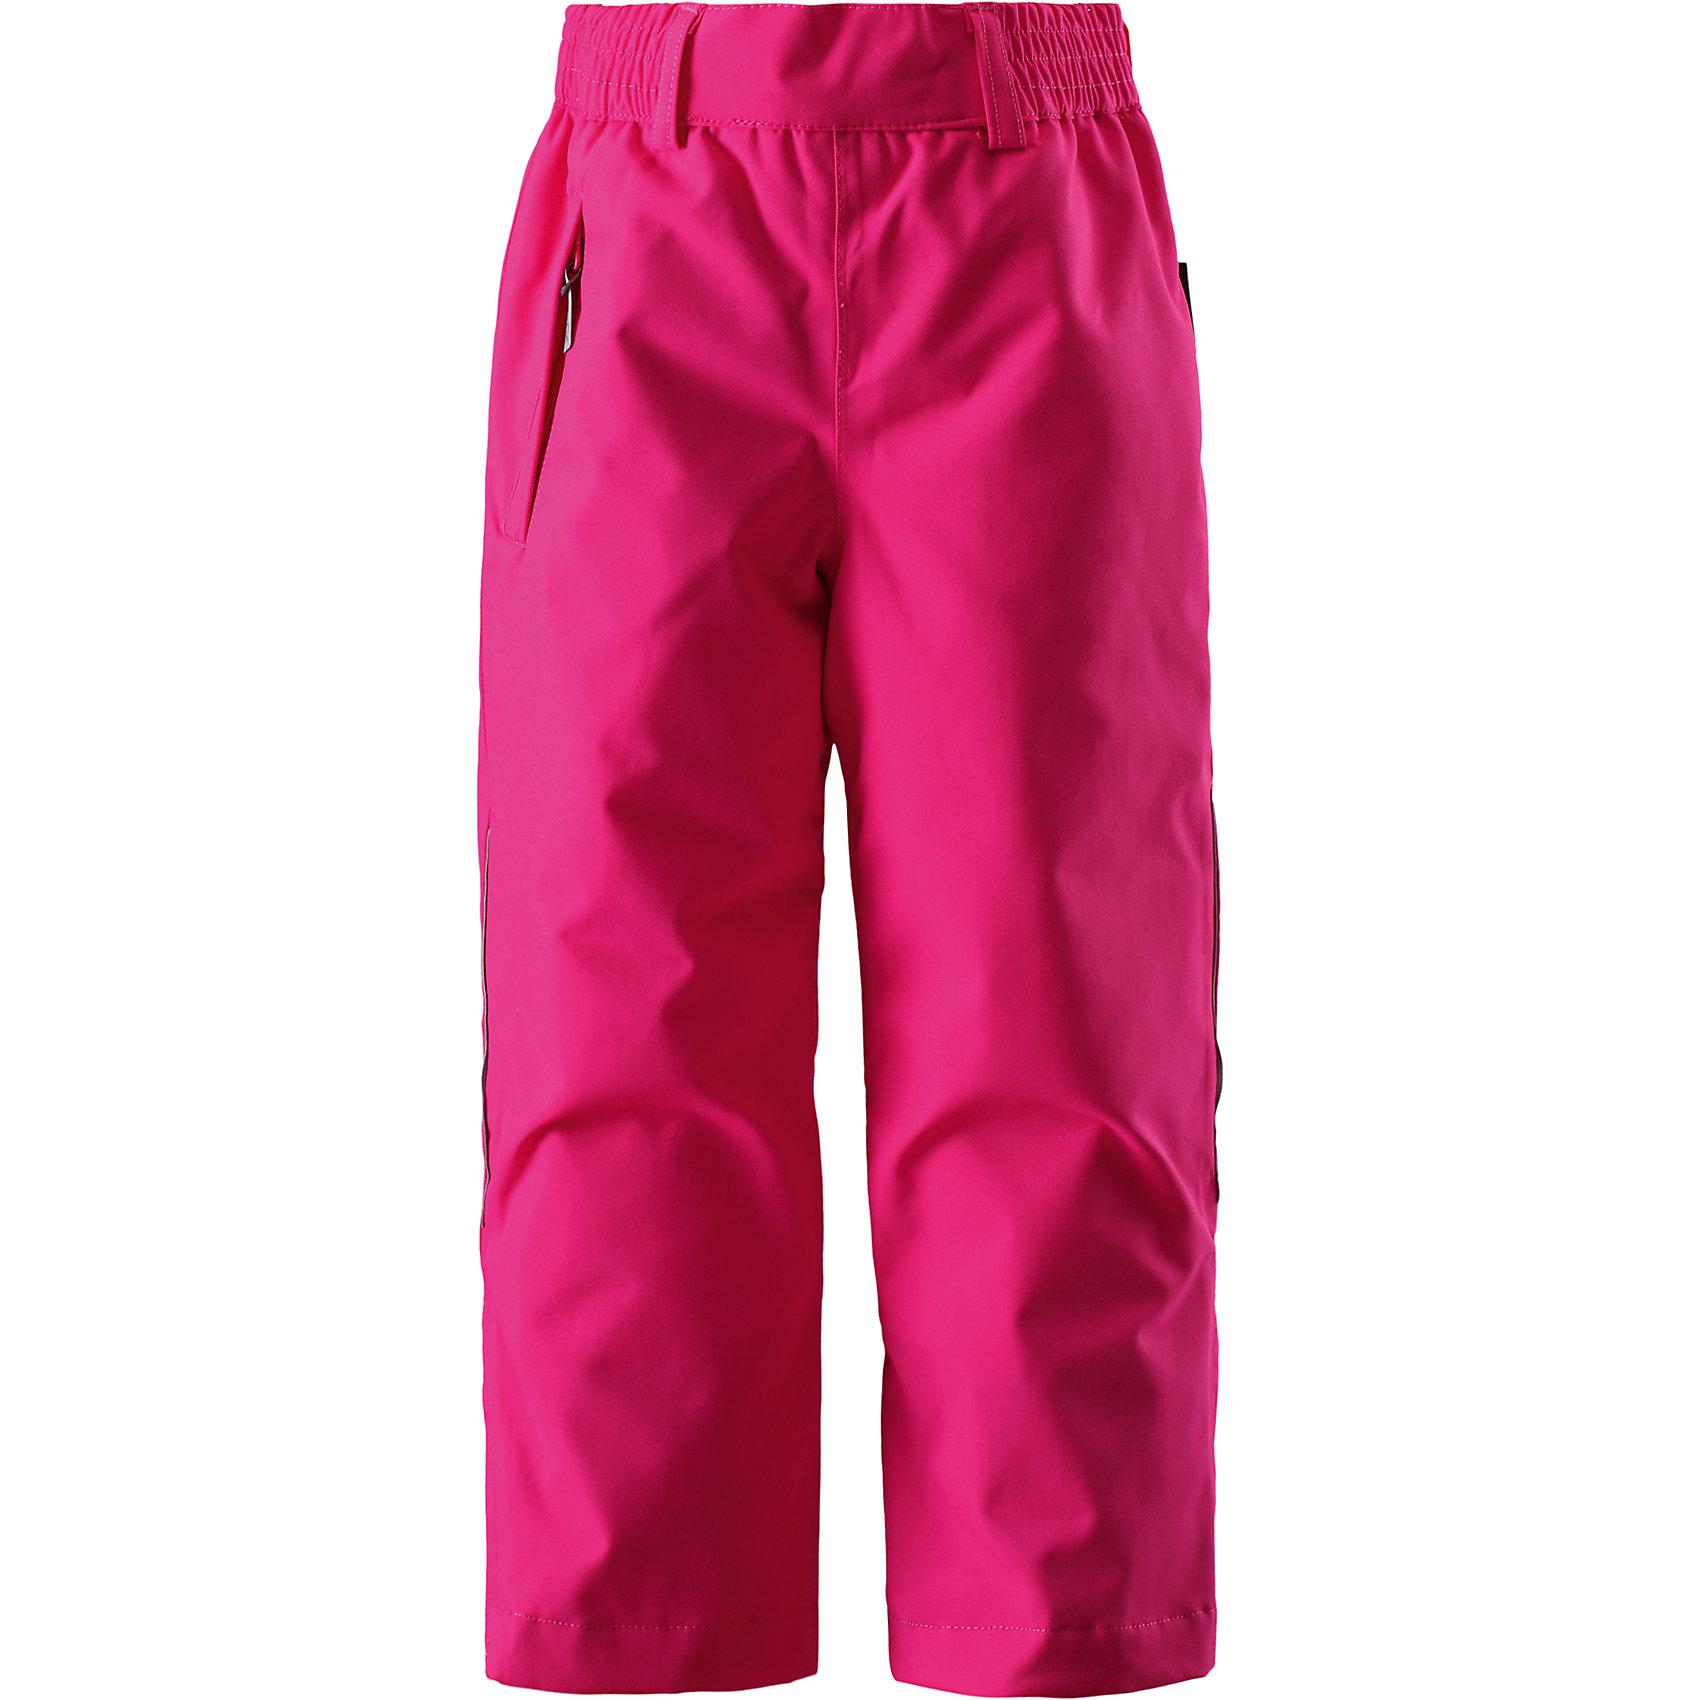 Брюки Vinha Reimatec®+ ReimaЗимние брюки для детей .Все швы проклеены и водонепроницаемы. Сверхпрочный материал Водо- и ветронепроницаемый, «дышащий» и грязеотталкивающий материал. Гладкая подкладка из полиэстра. Эластичный регулируемый обхват талии. Регулируемые штанины со снегозащитными манжетами .Липучки на штанинах. Карман на молнии. Безопасные светоотражающие детали.<br>Состав:<br>100% ПА, ПУ-покрытие<br><br>Ширина мм: 215<br>Глубина мм: 88<br>Высота мм: 191<br>Вес г: 336<br>Цвет: розовый<br>Возраст от месяцев: 36<br>Возраст до месяцев: 48<br>Пол: Унисекс<br>Возраст: Детский<br>Размер: 104,116,110<br>SKU: 5309421